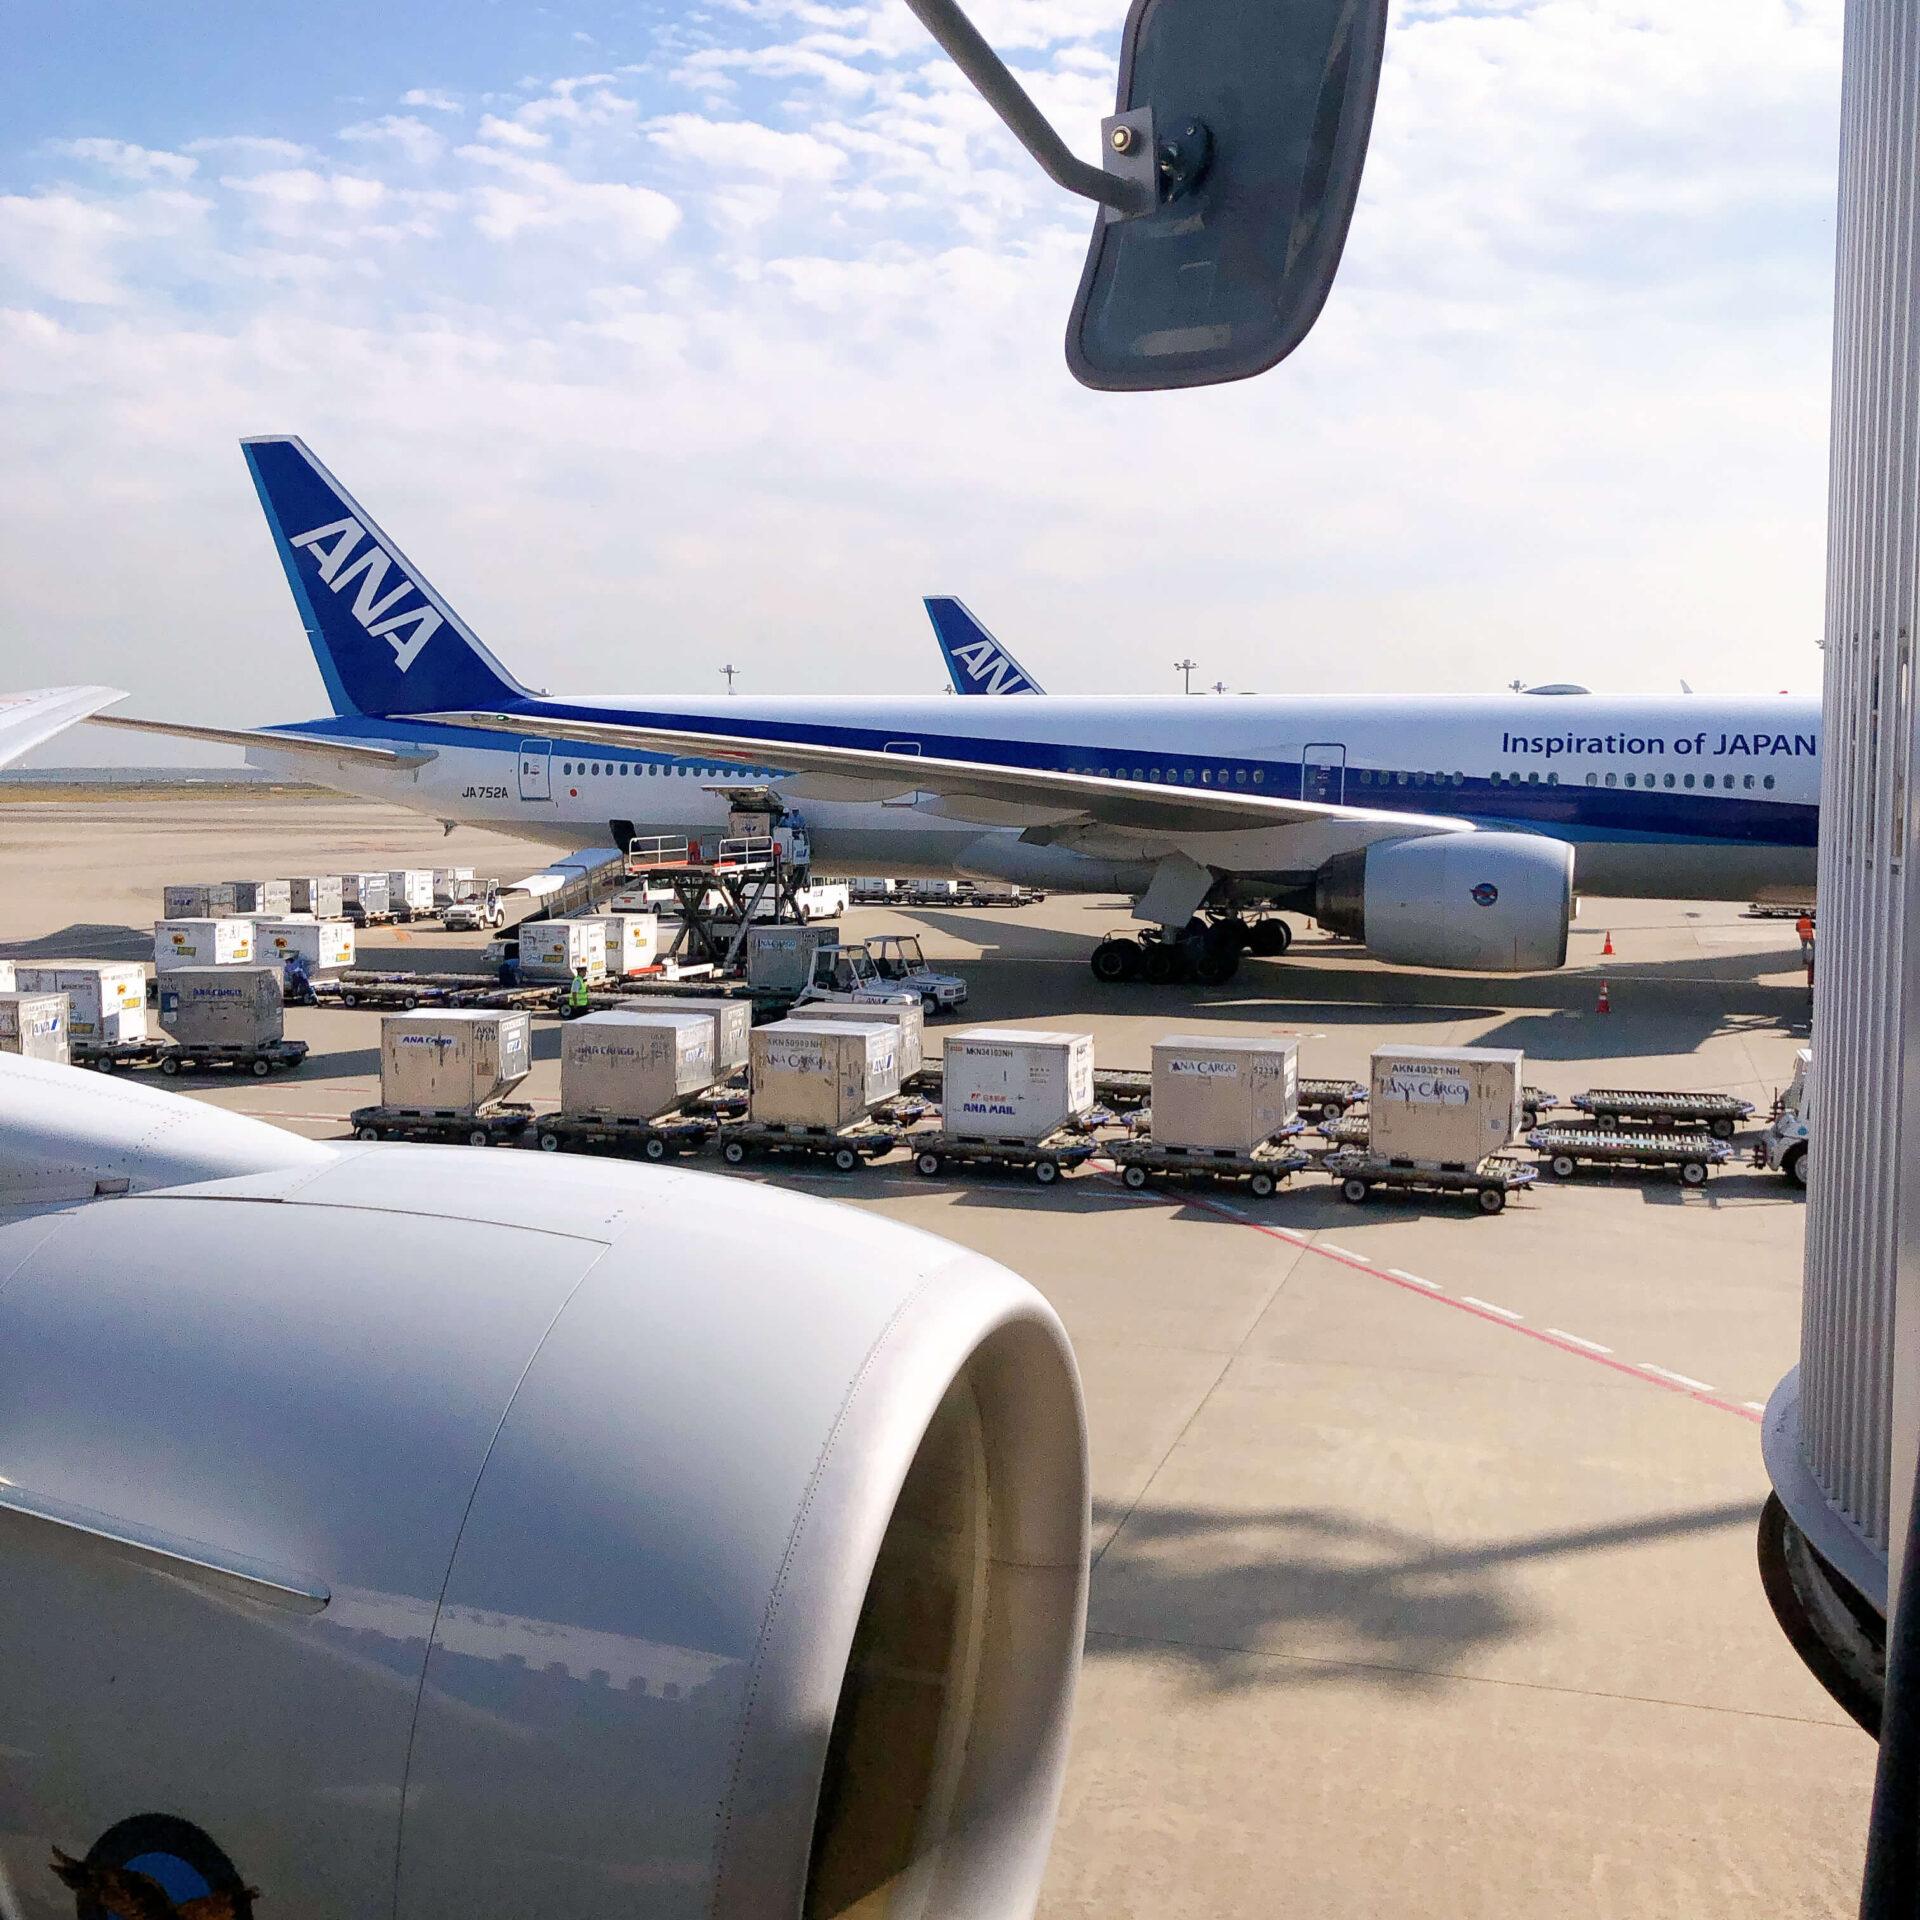 羽田空港第二ターミナルに駐機してあるANAの飛行機